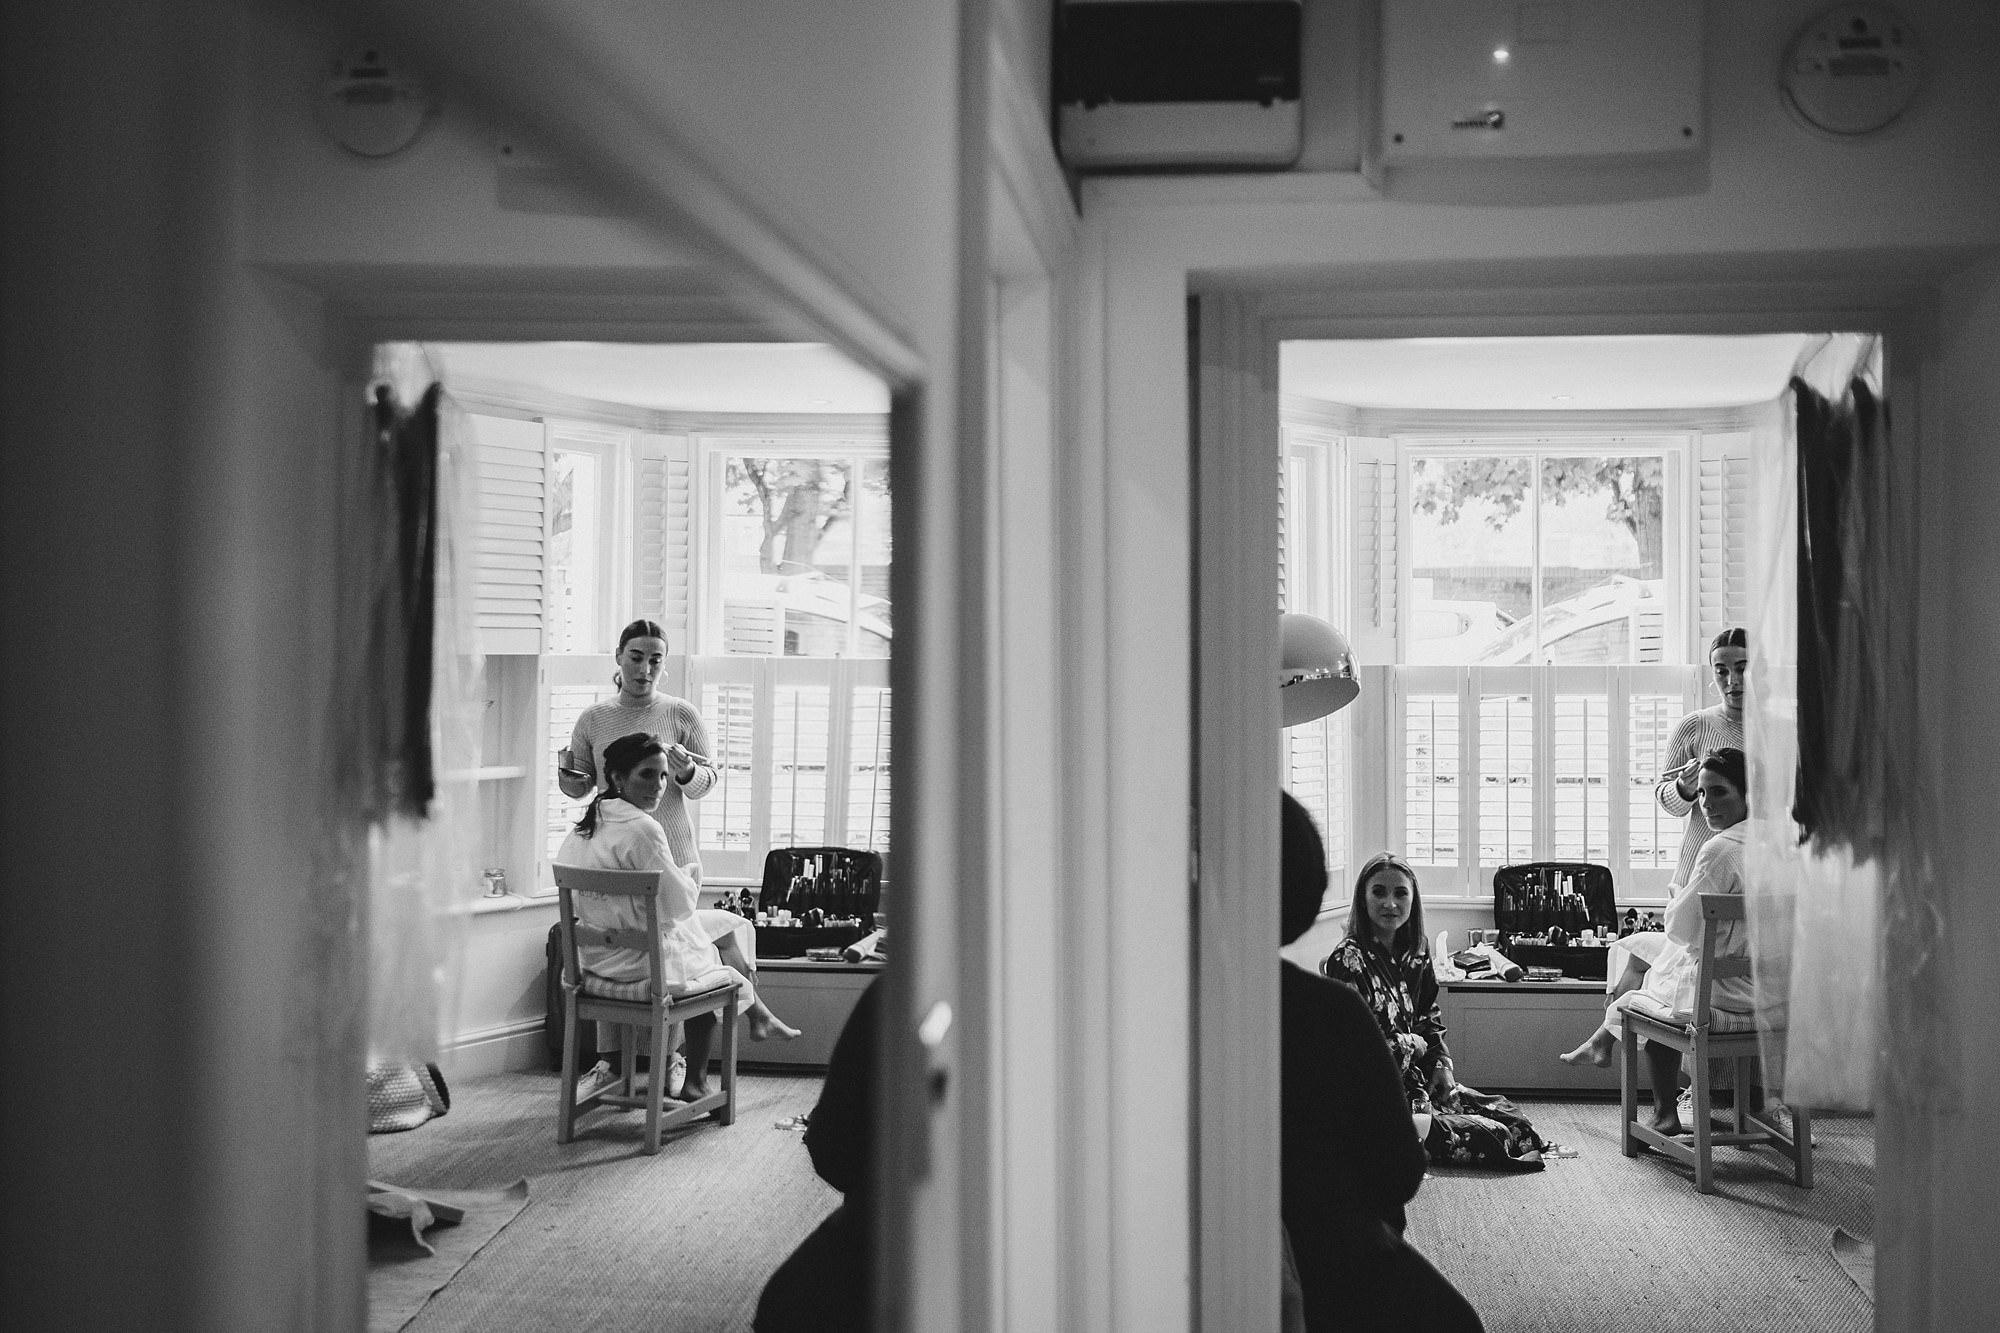 fulham palace wedding photographer ok 006 - Olivia + Kyle